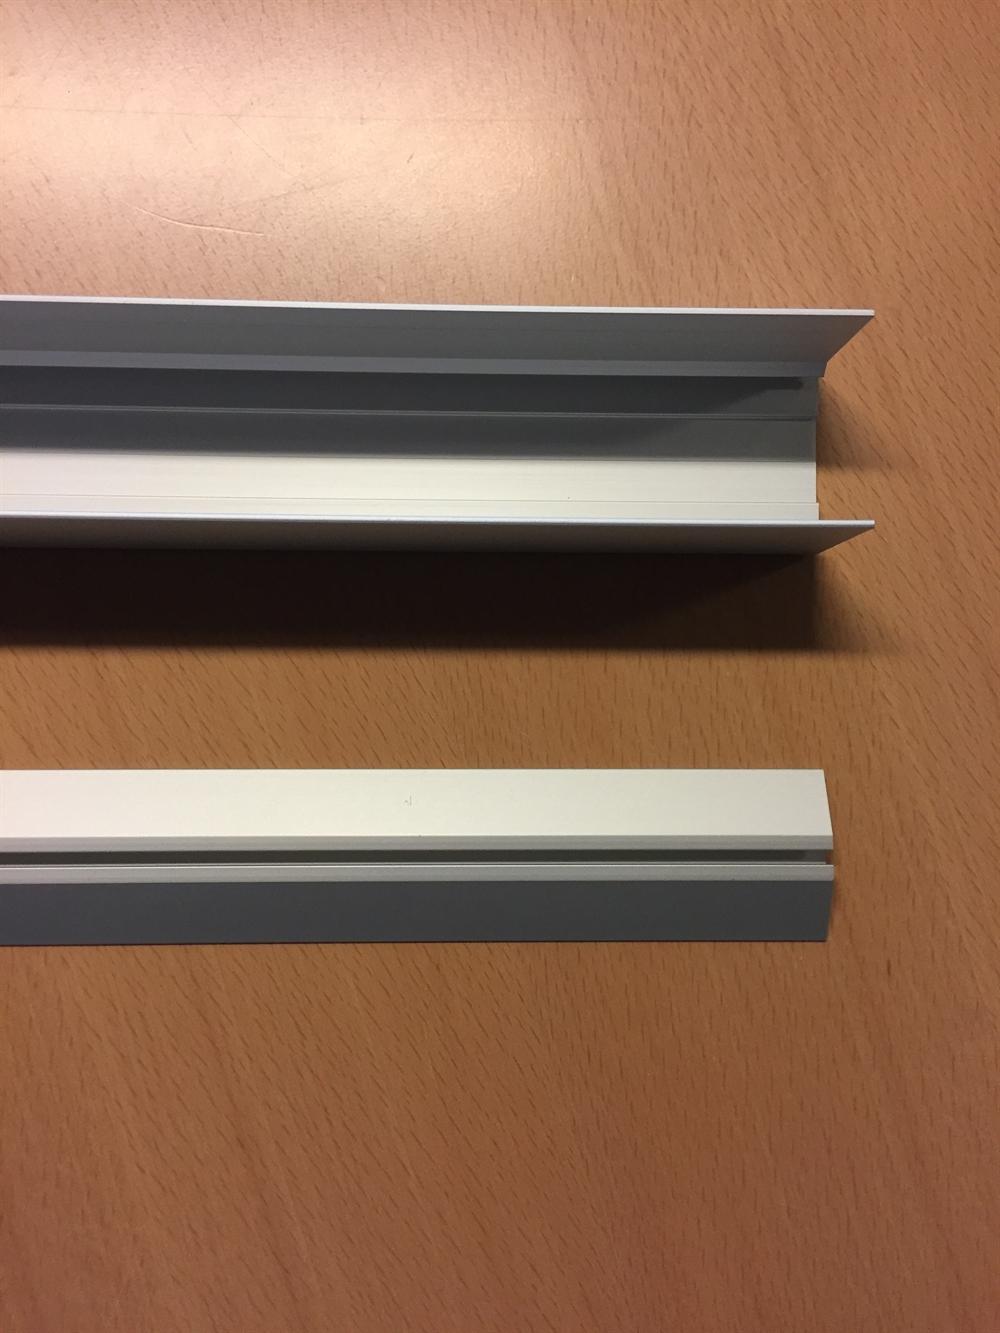 Billede af Enkeltsporede gulv og loftskinne på mål - pris pr. cm